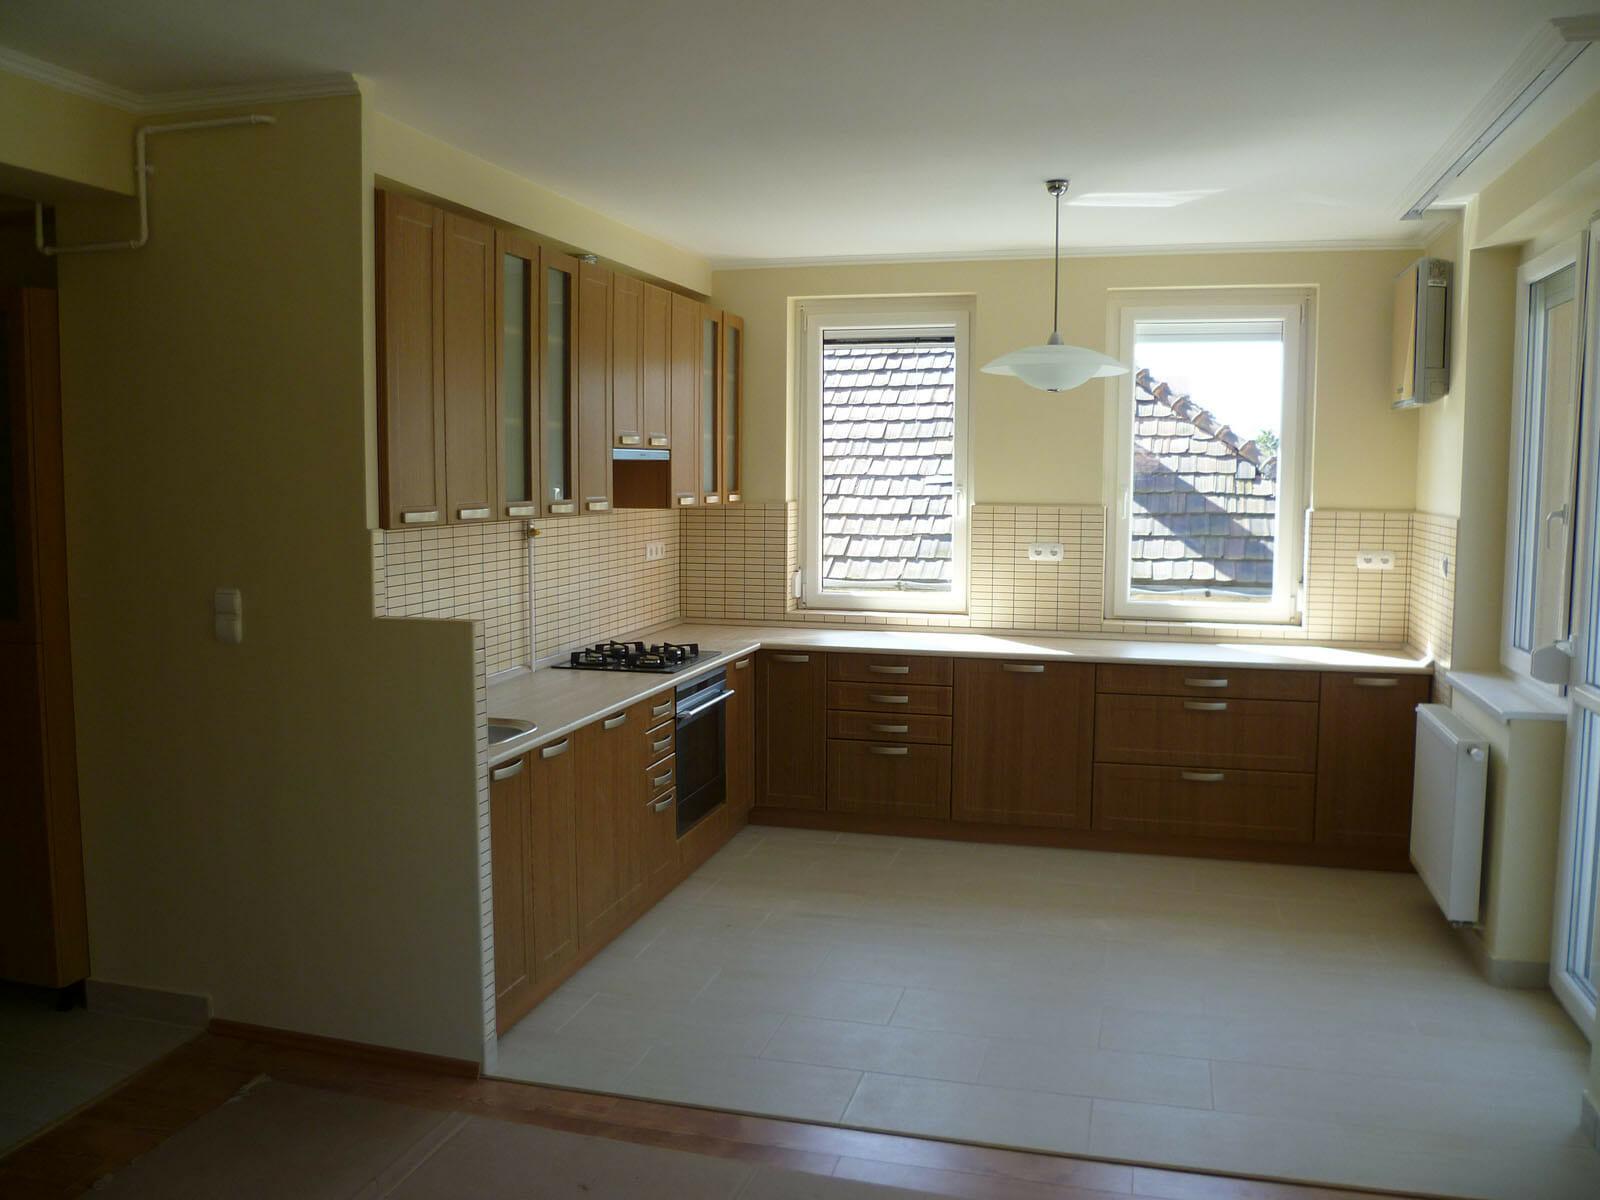 Egyedi natúr konyhabútor üveges ajtókkal, modern kivitelben